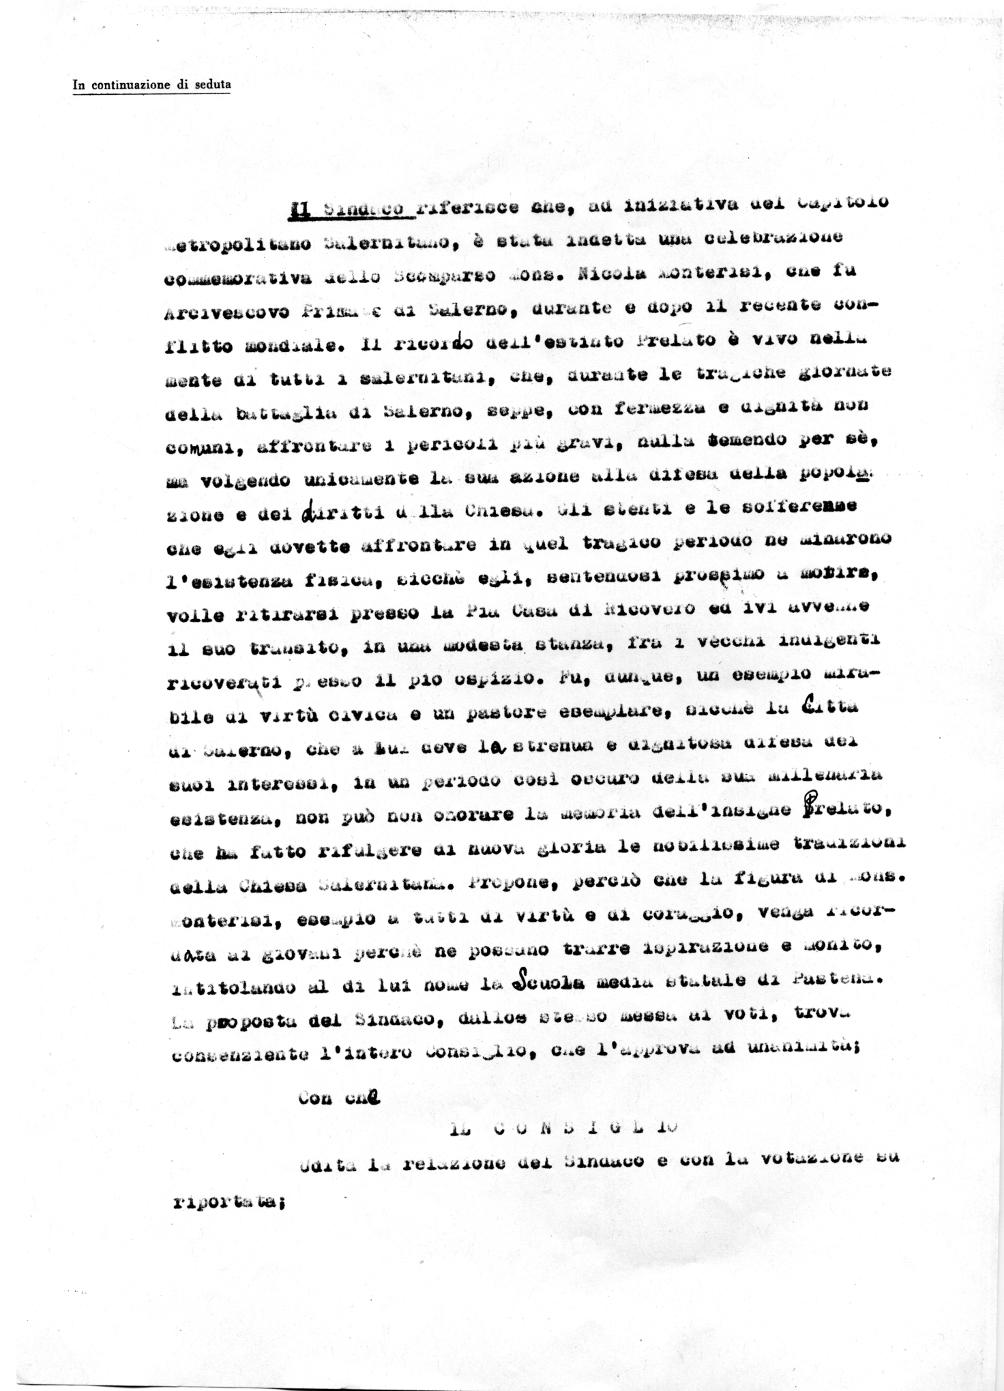 Delibera del Consiglio Comunale di Salerno del 23/03/1964 che propone l'intitolazione della Scuola Media Statale di Pastena al Mons. Nicola Monterisi (Archivio storico Comune di Salerno) 2